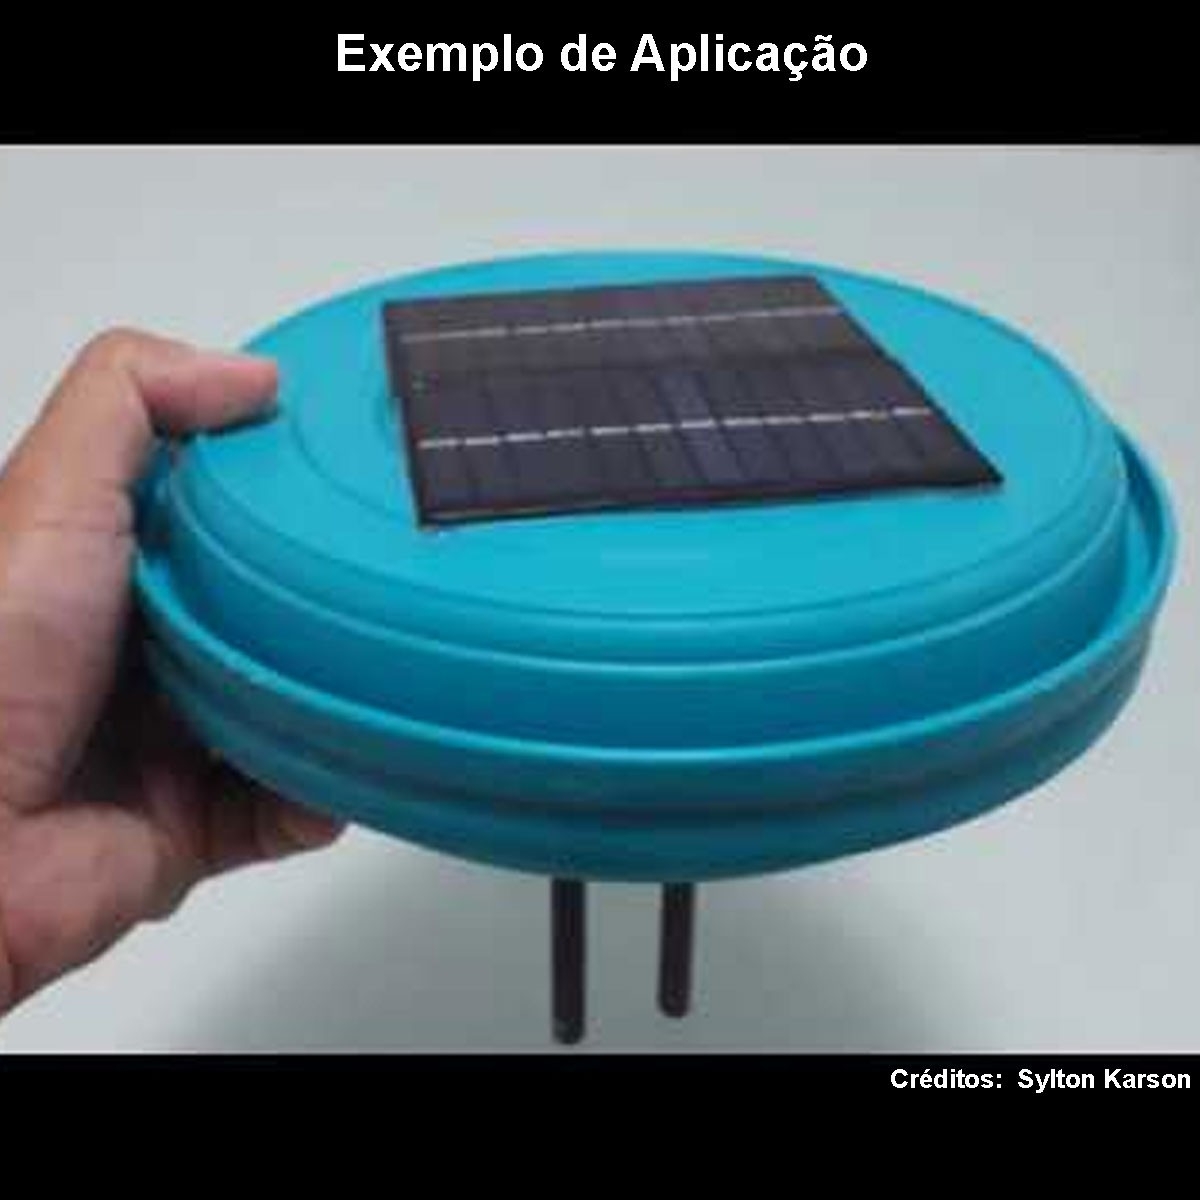 Mini Placa Solar 12v 1.5w com Cabos Soldados p/ Ionizador de Piscina